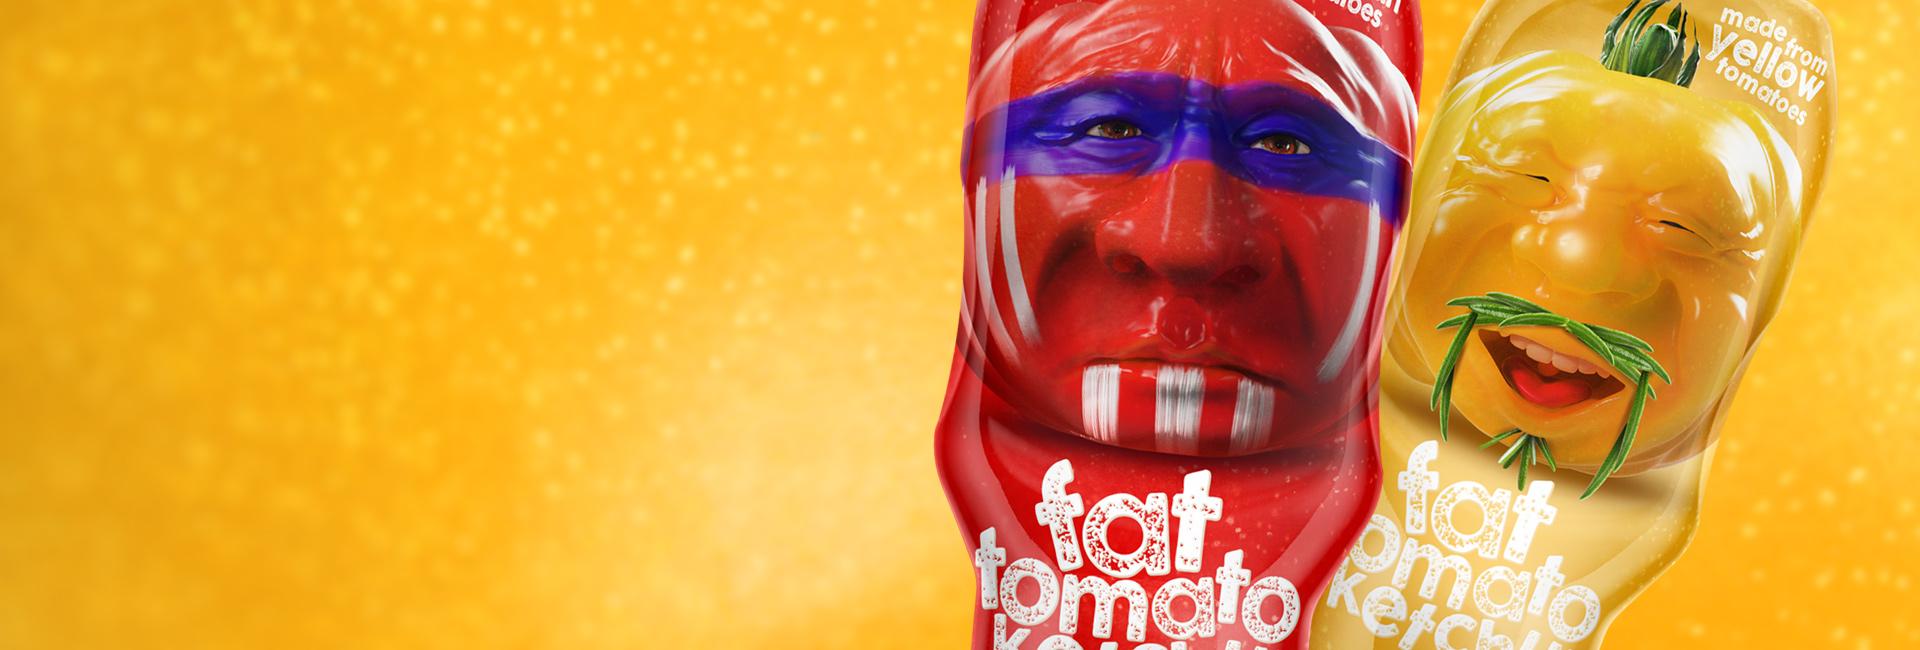 Pohrali sme sa s paradajkami a nový obalový dizajn kečupov je na svete